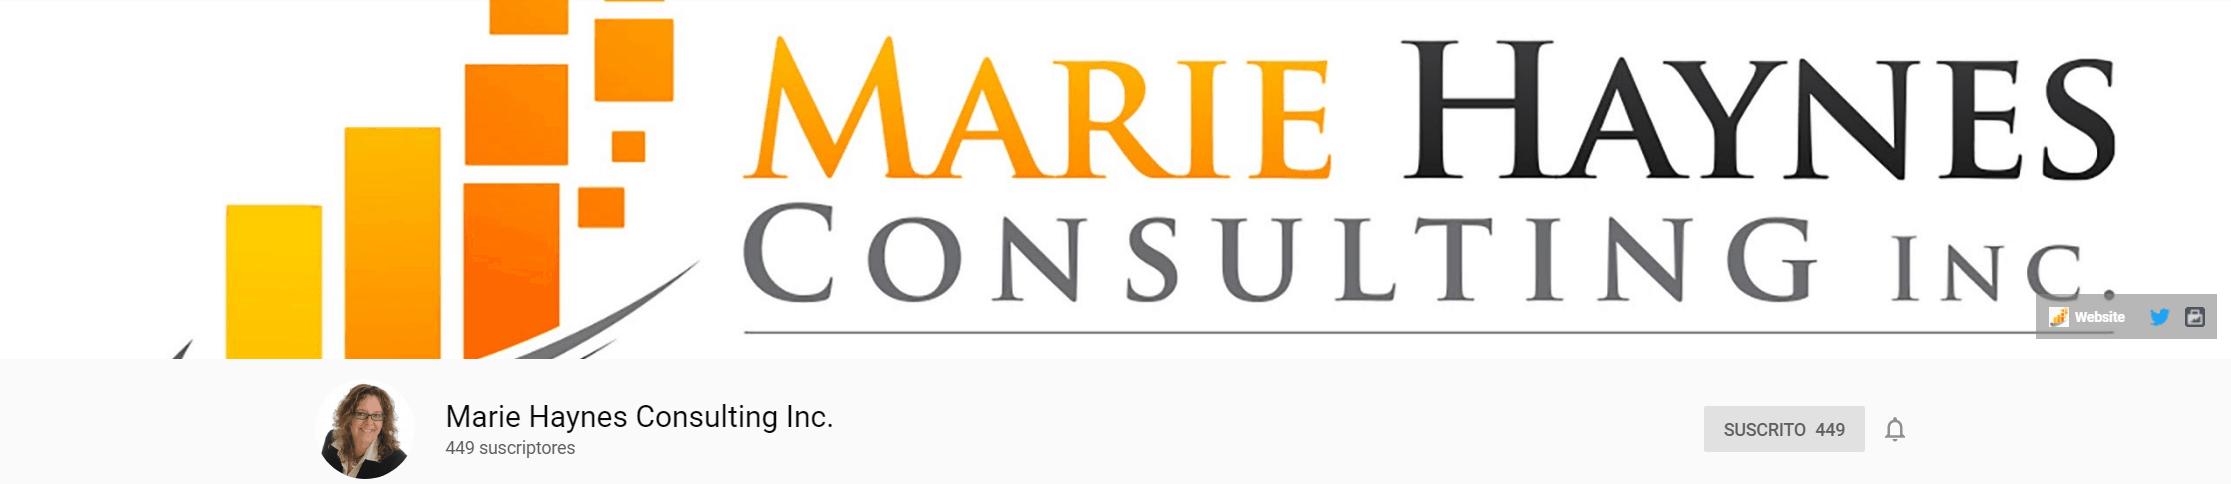 Marie Haynes